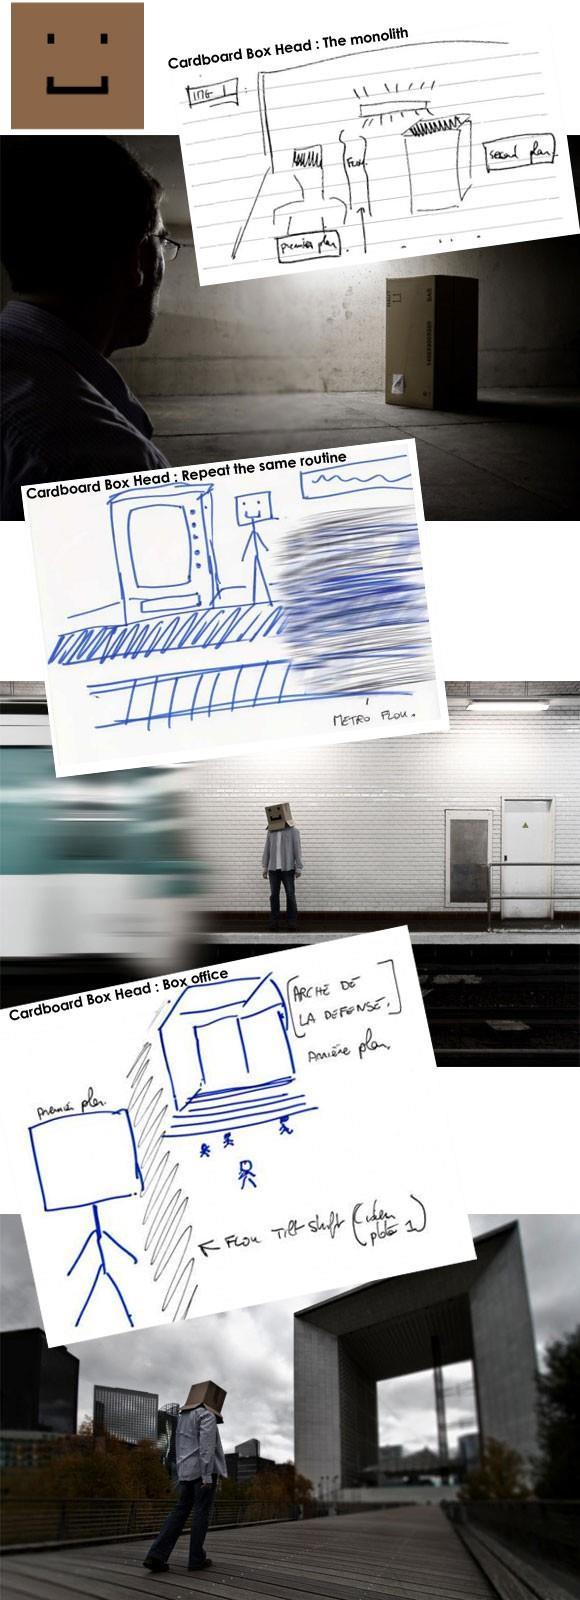 Brief créatif de la série CardBoard Box Head